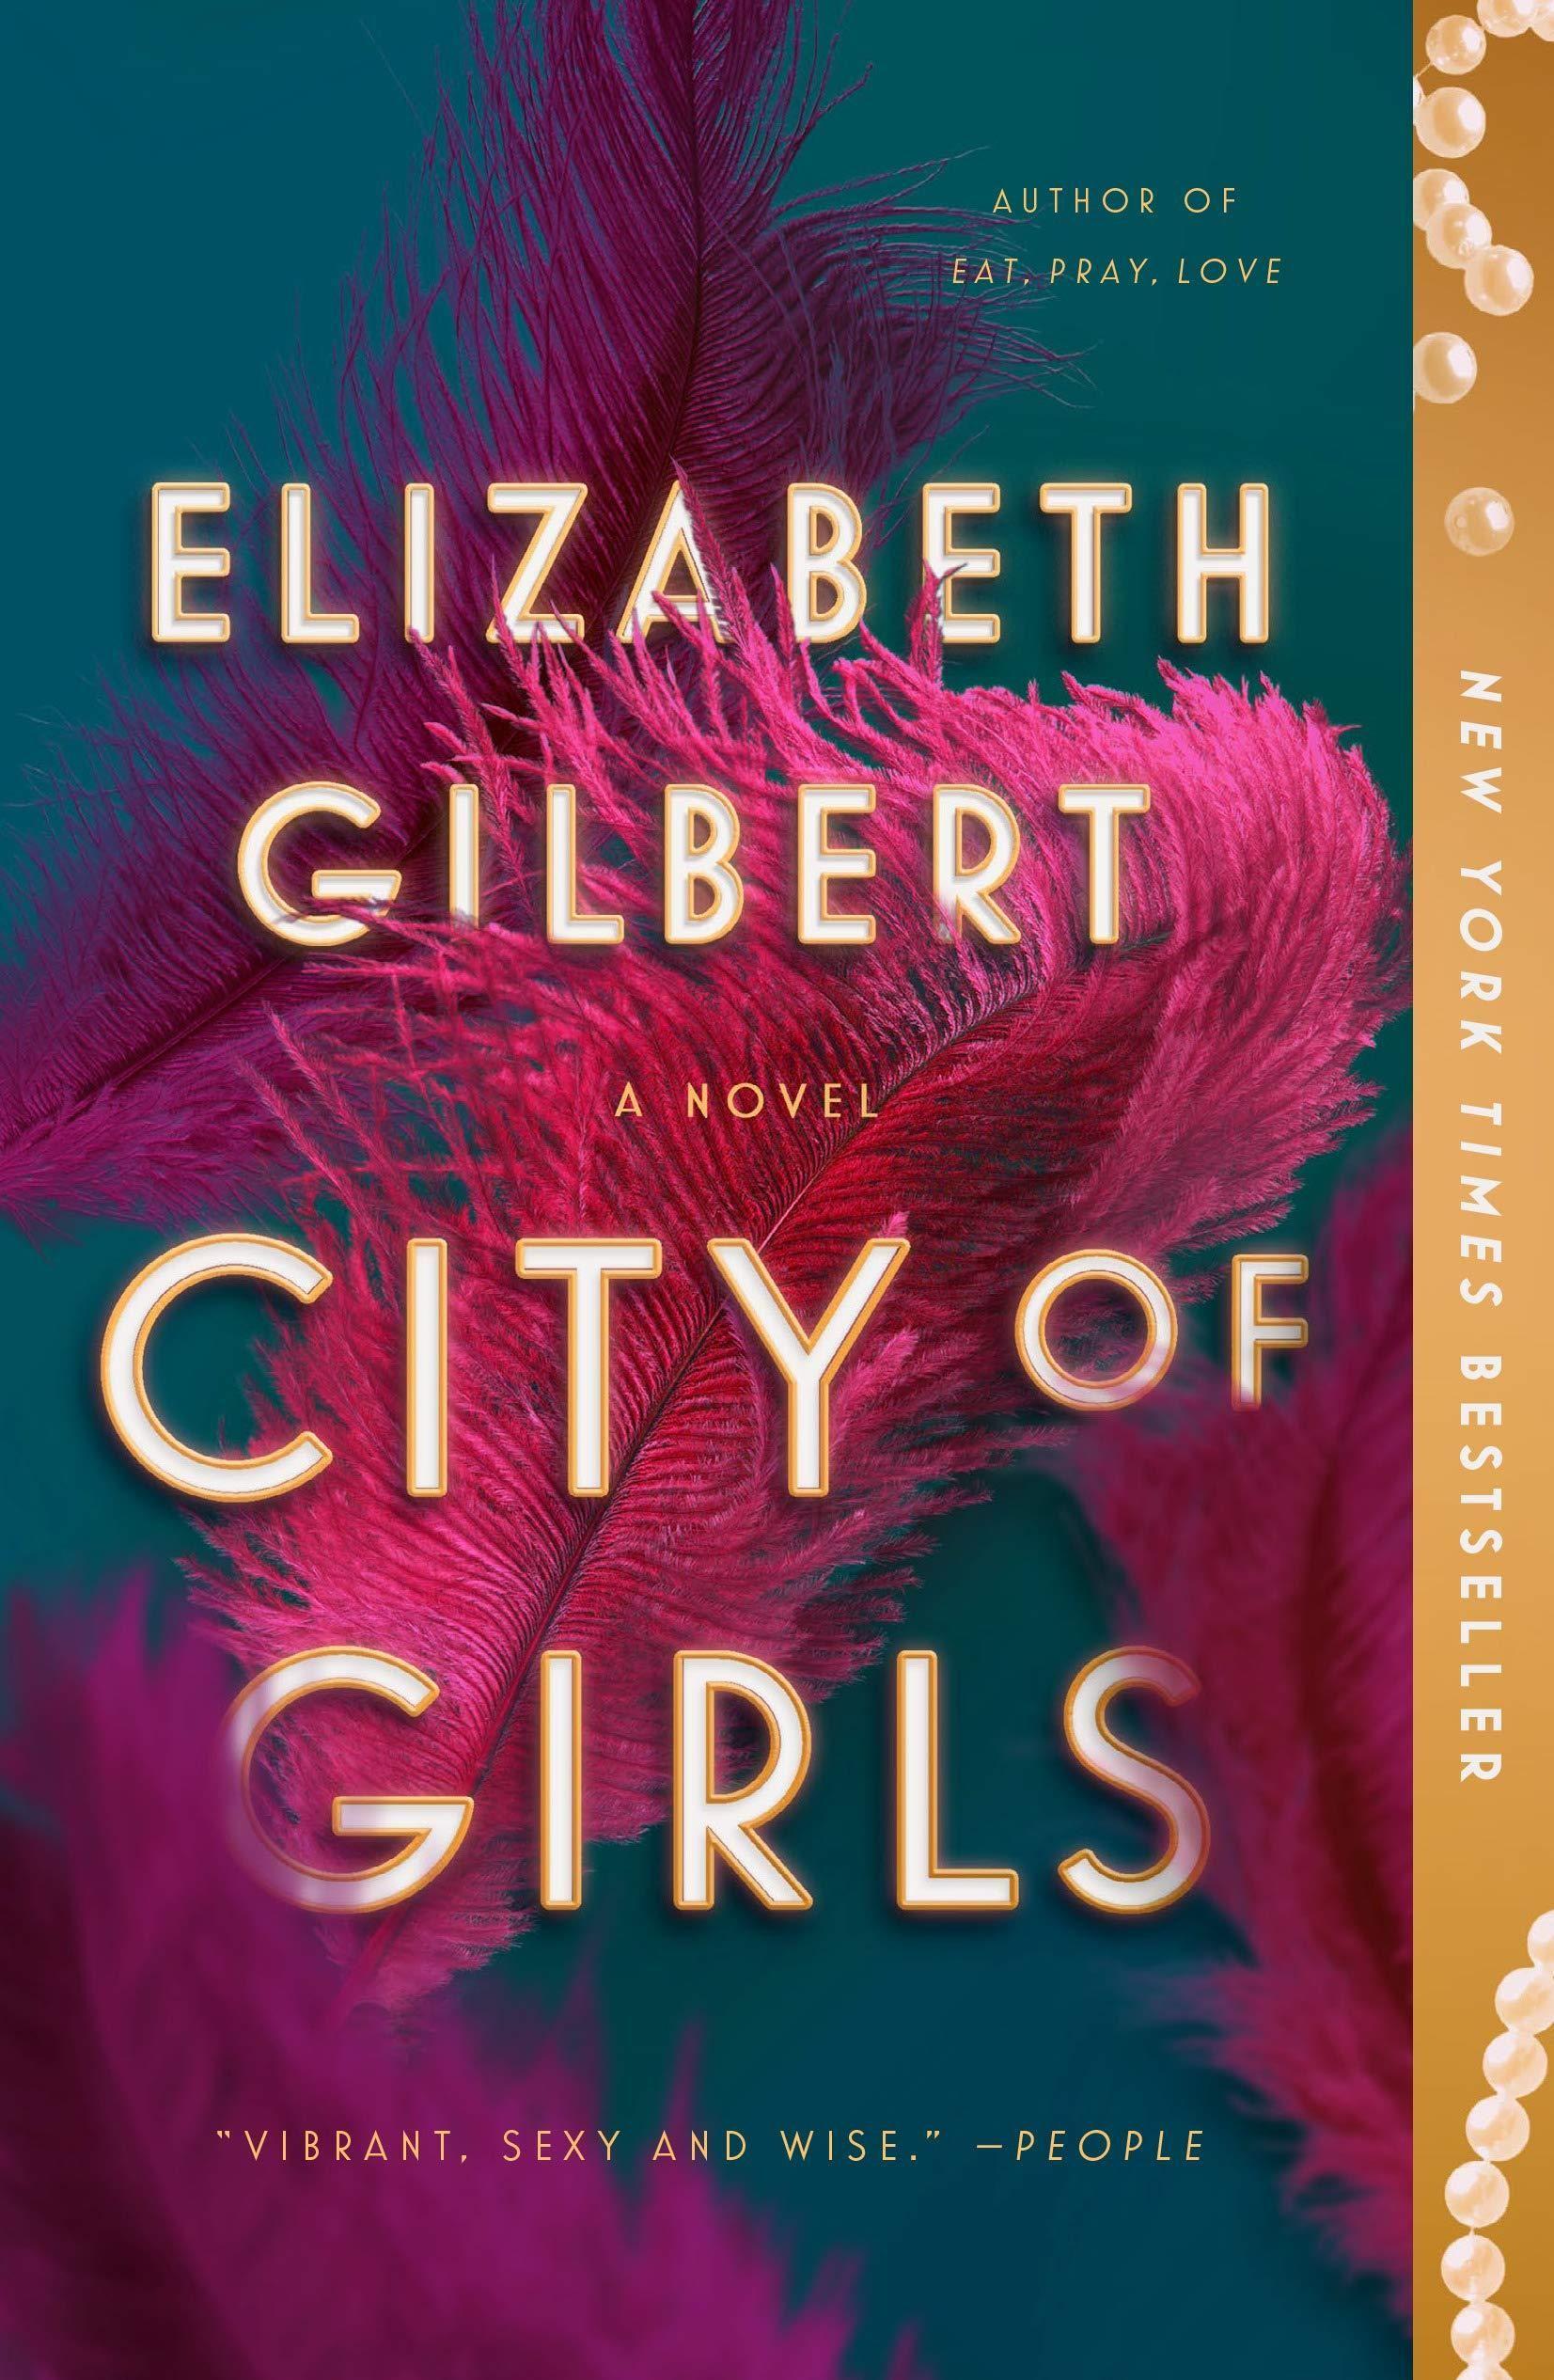 Download Ebook City Of Girls A Novel Populer Ebook In 2020 Best Books To Read Books To Read Good Books